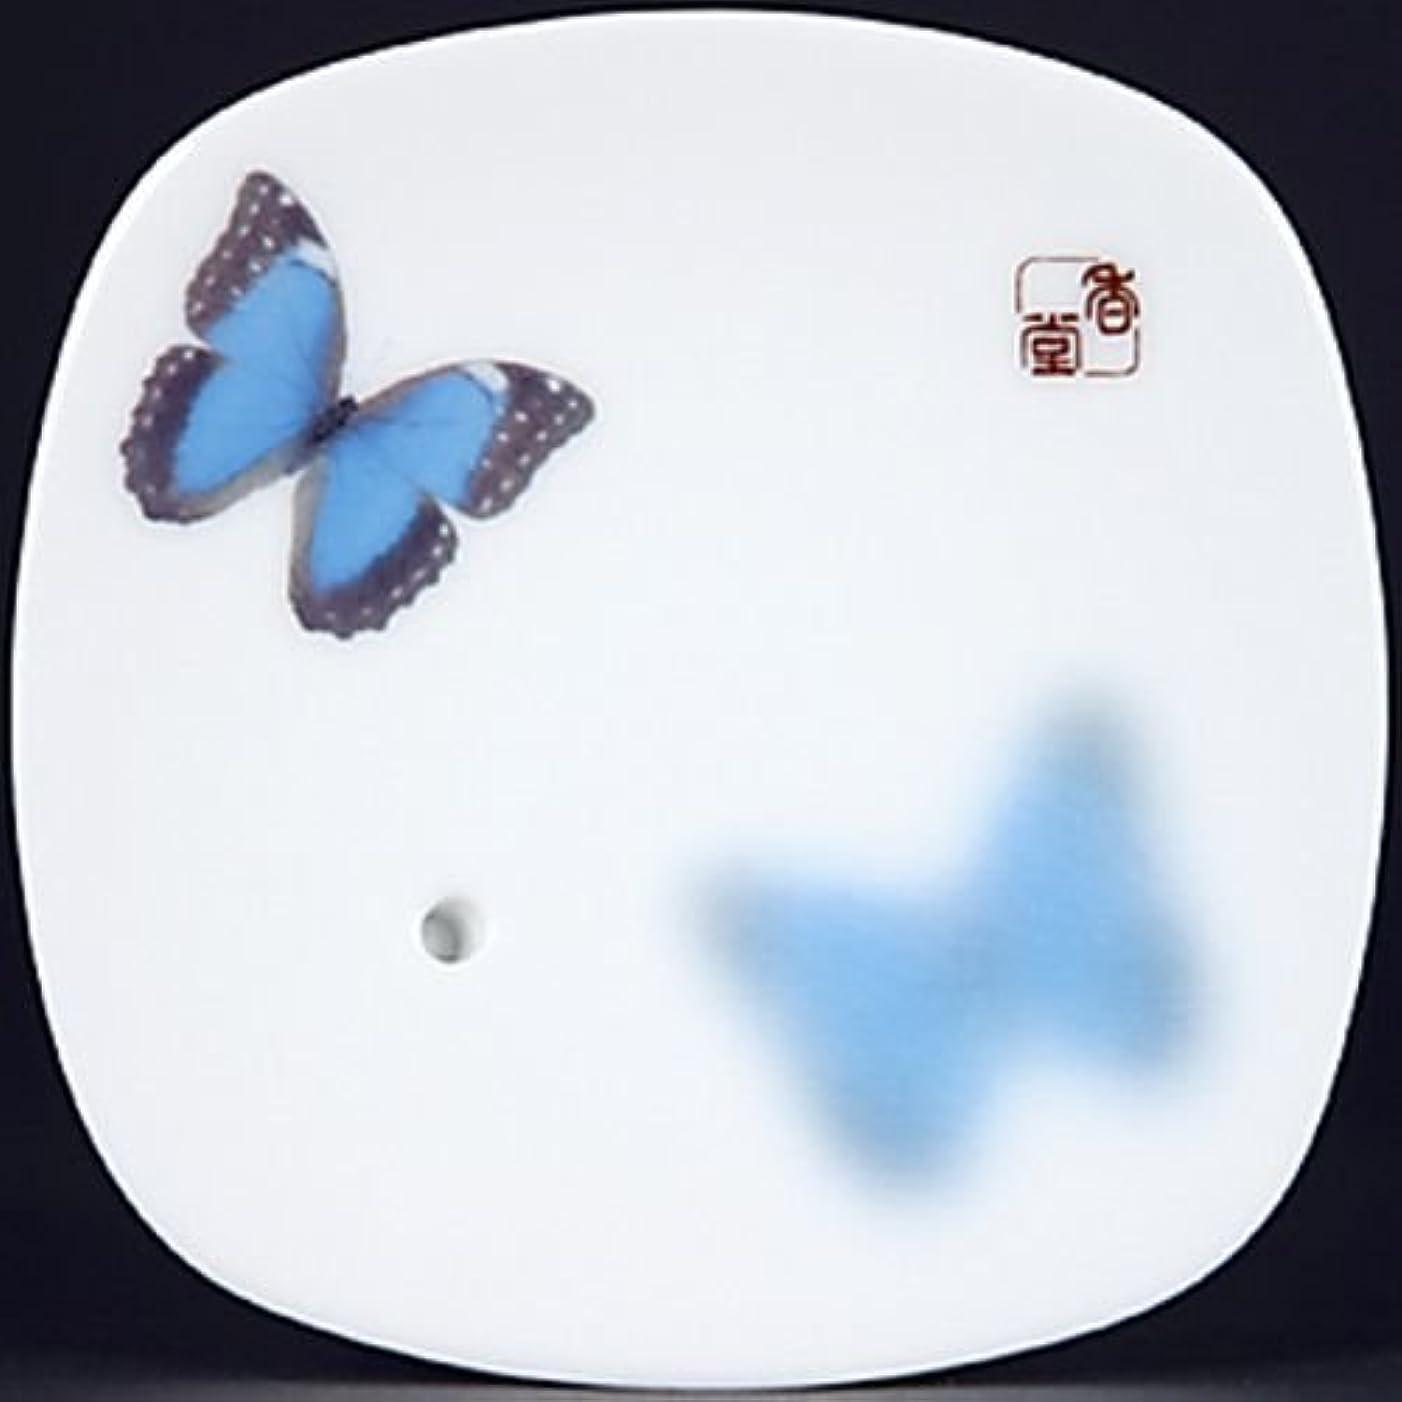 ジャム公使館ボクシング【まとめ買い】【日本香堂】夢の夢 夏夜の香(なつよ) 香皿 ×2セット